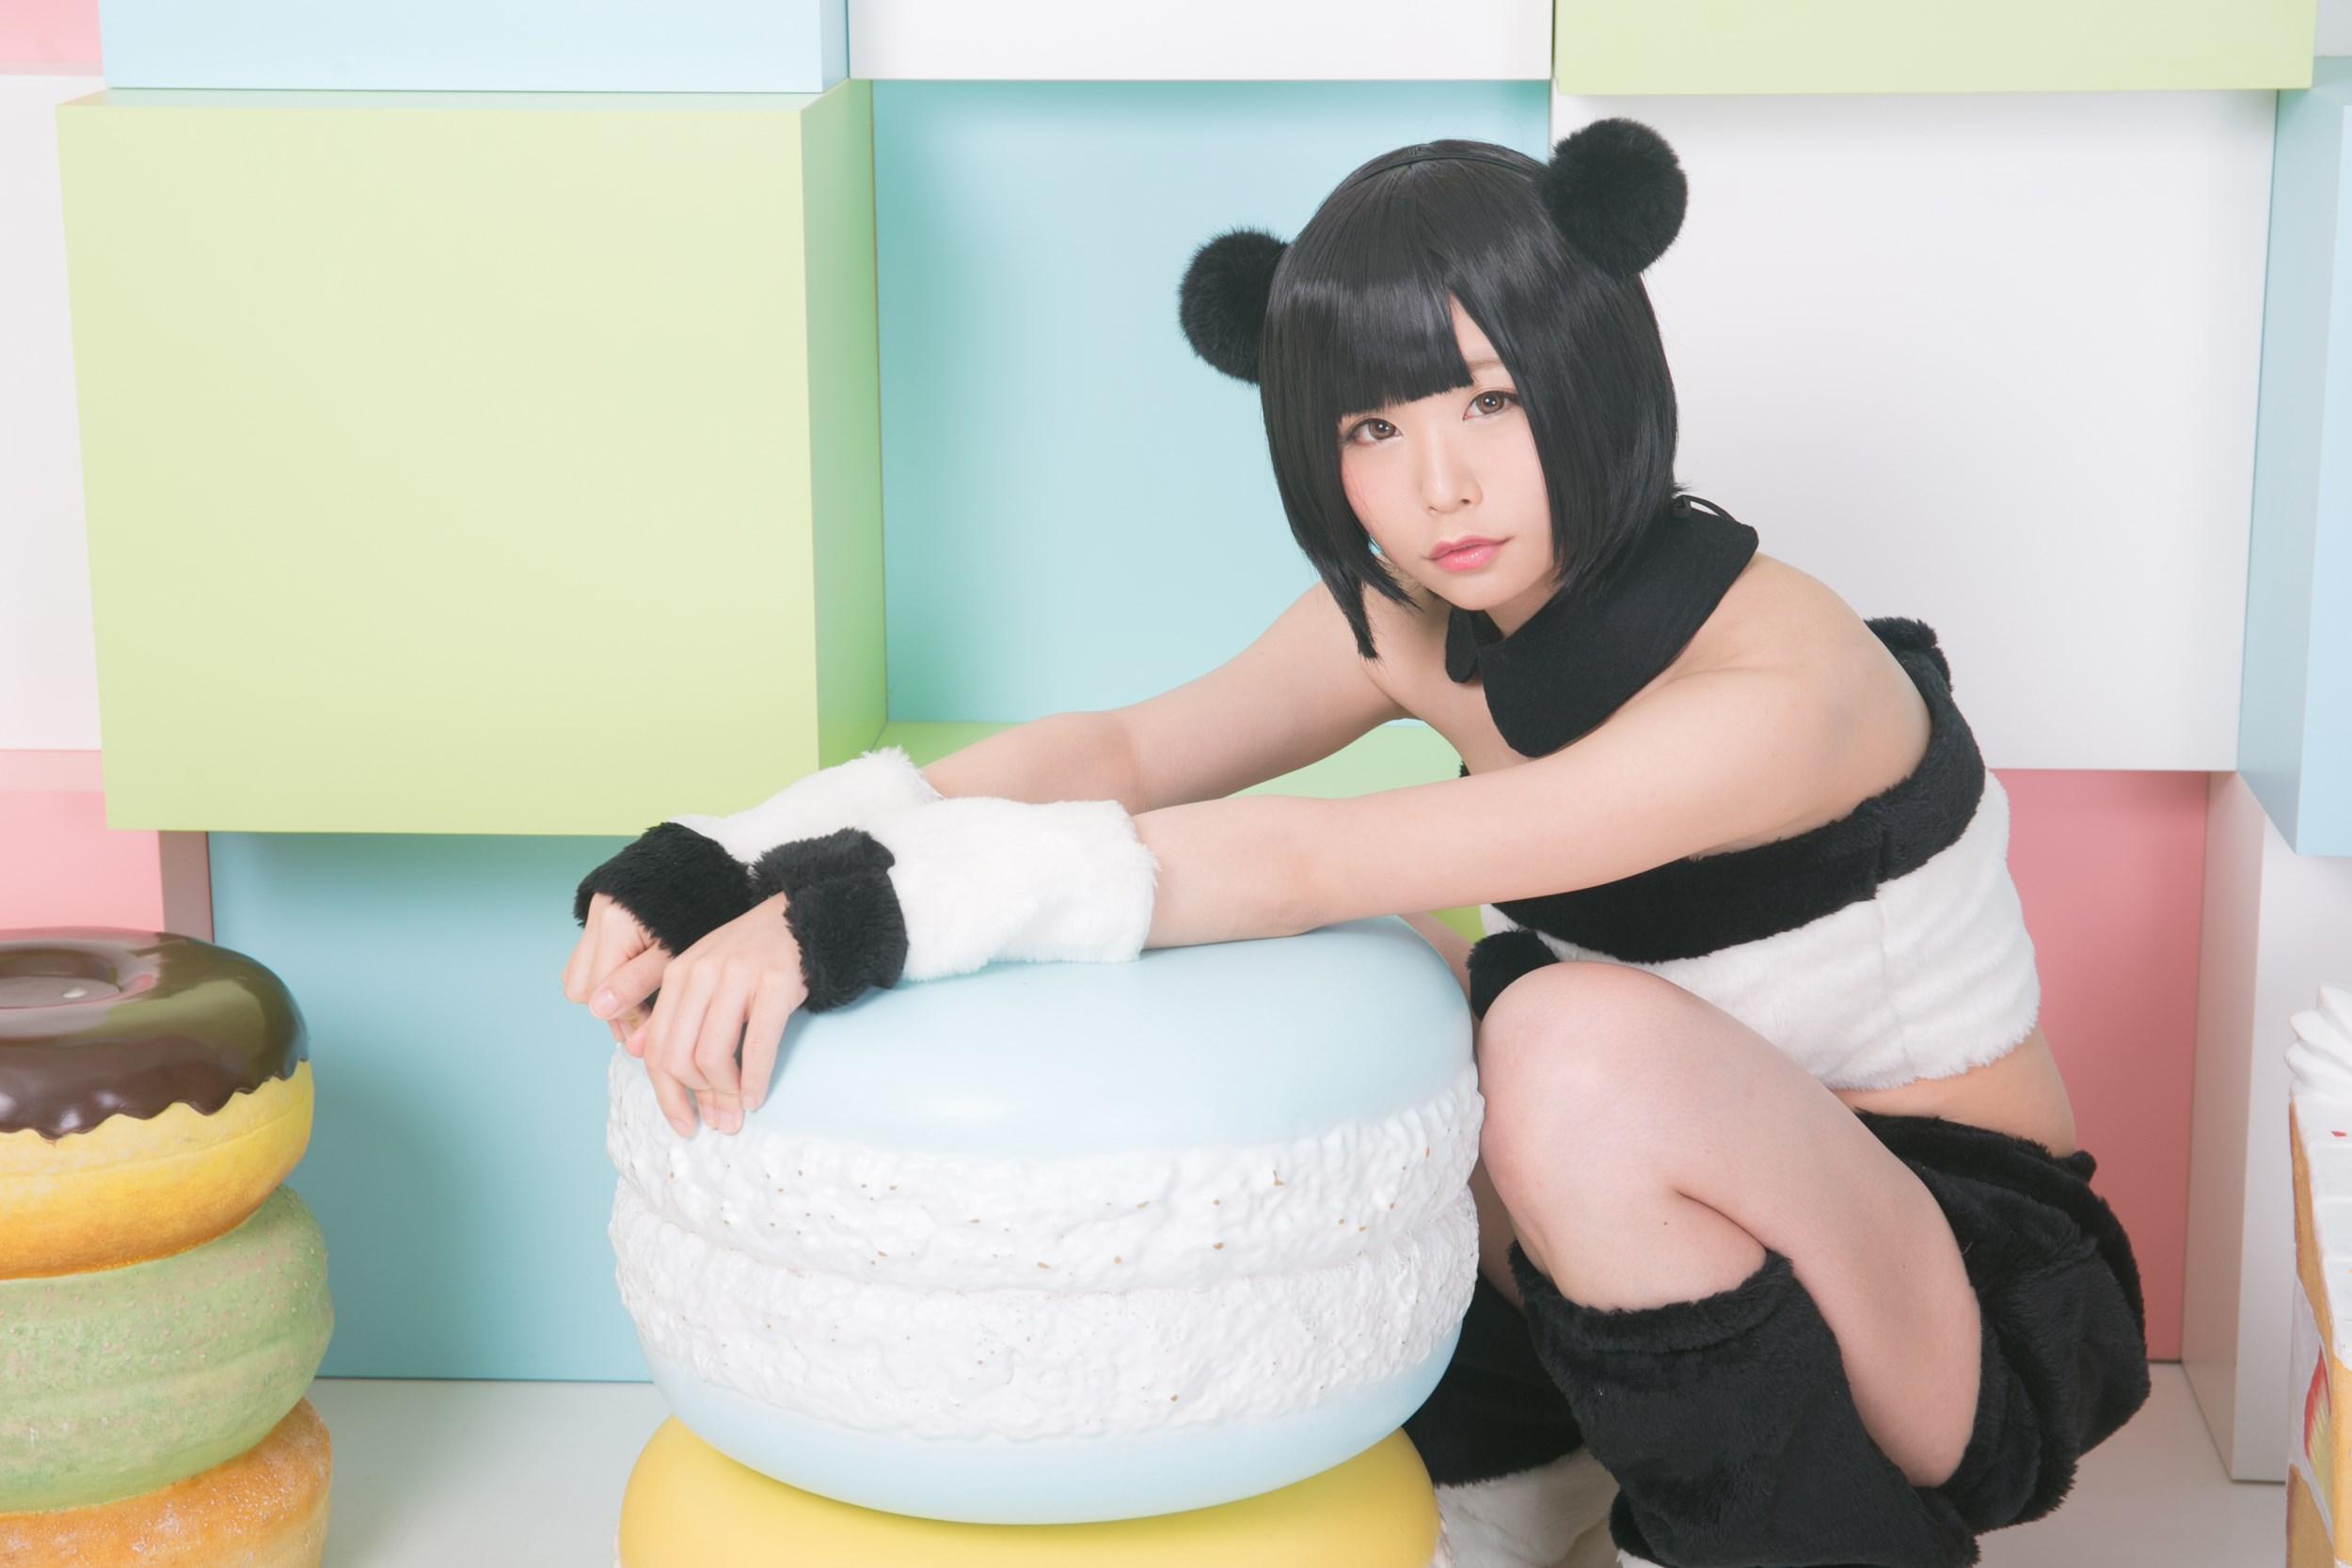 【兔玩映画】熊猫娘 兔玩映画 第36张